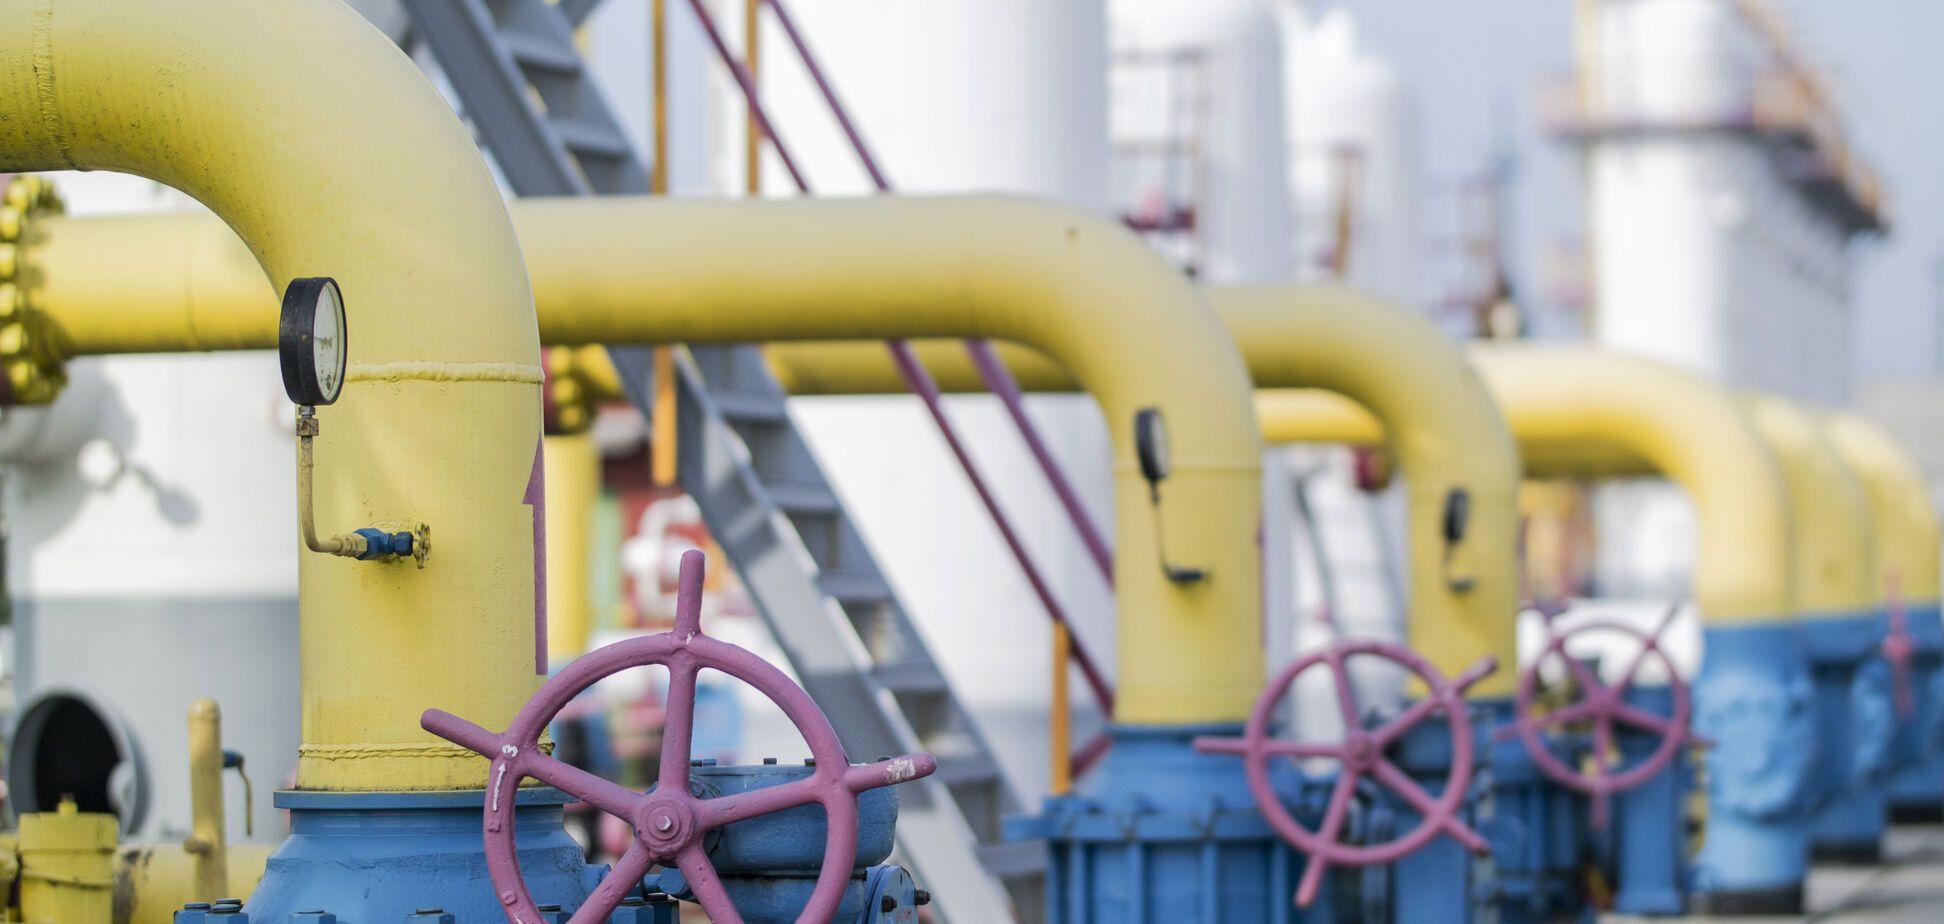 Ціна питання - 7 млрд: в Україні зібралися провести масштабну модернізацію ГТС